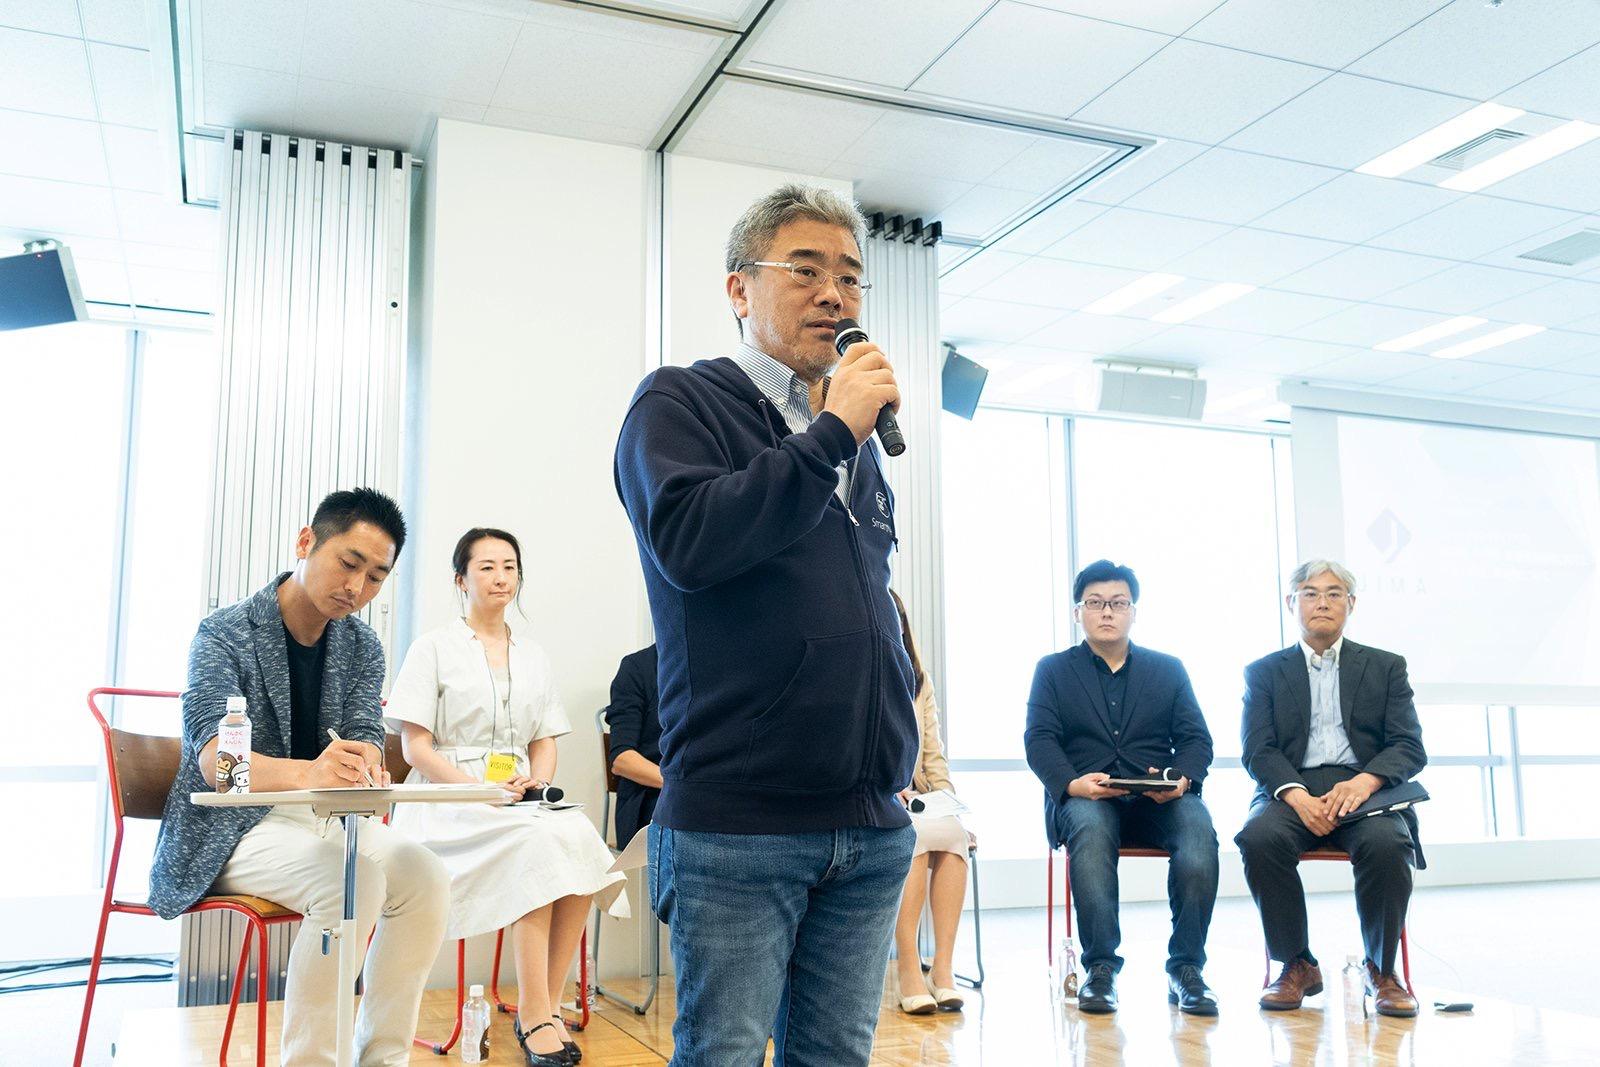 平場で議論ができる団体にと抱負を述べる代表理事の瀬尾傑 JIMAシンポジウム